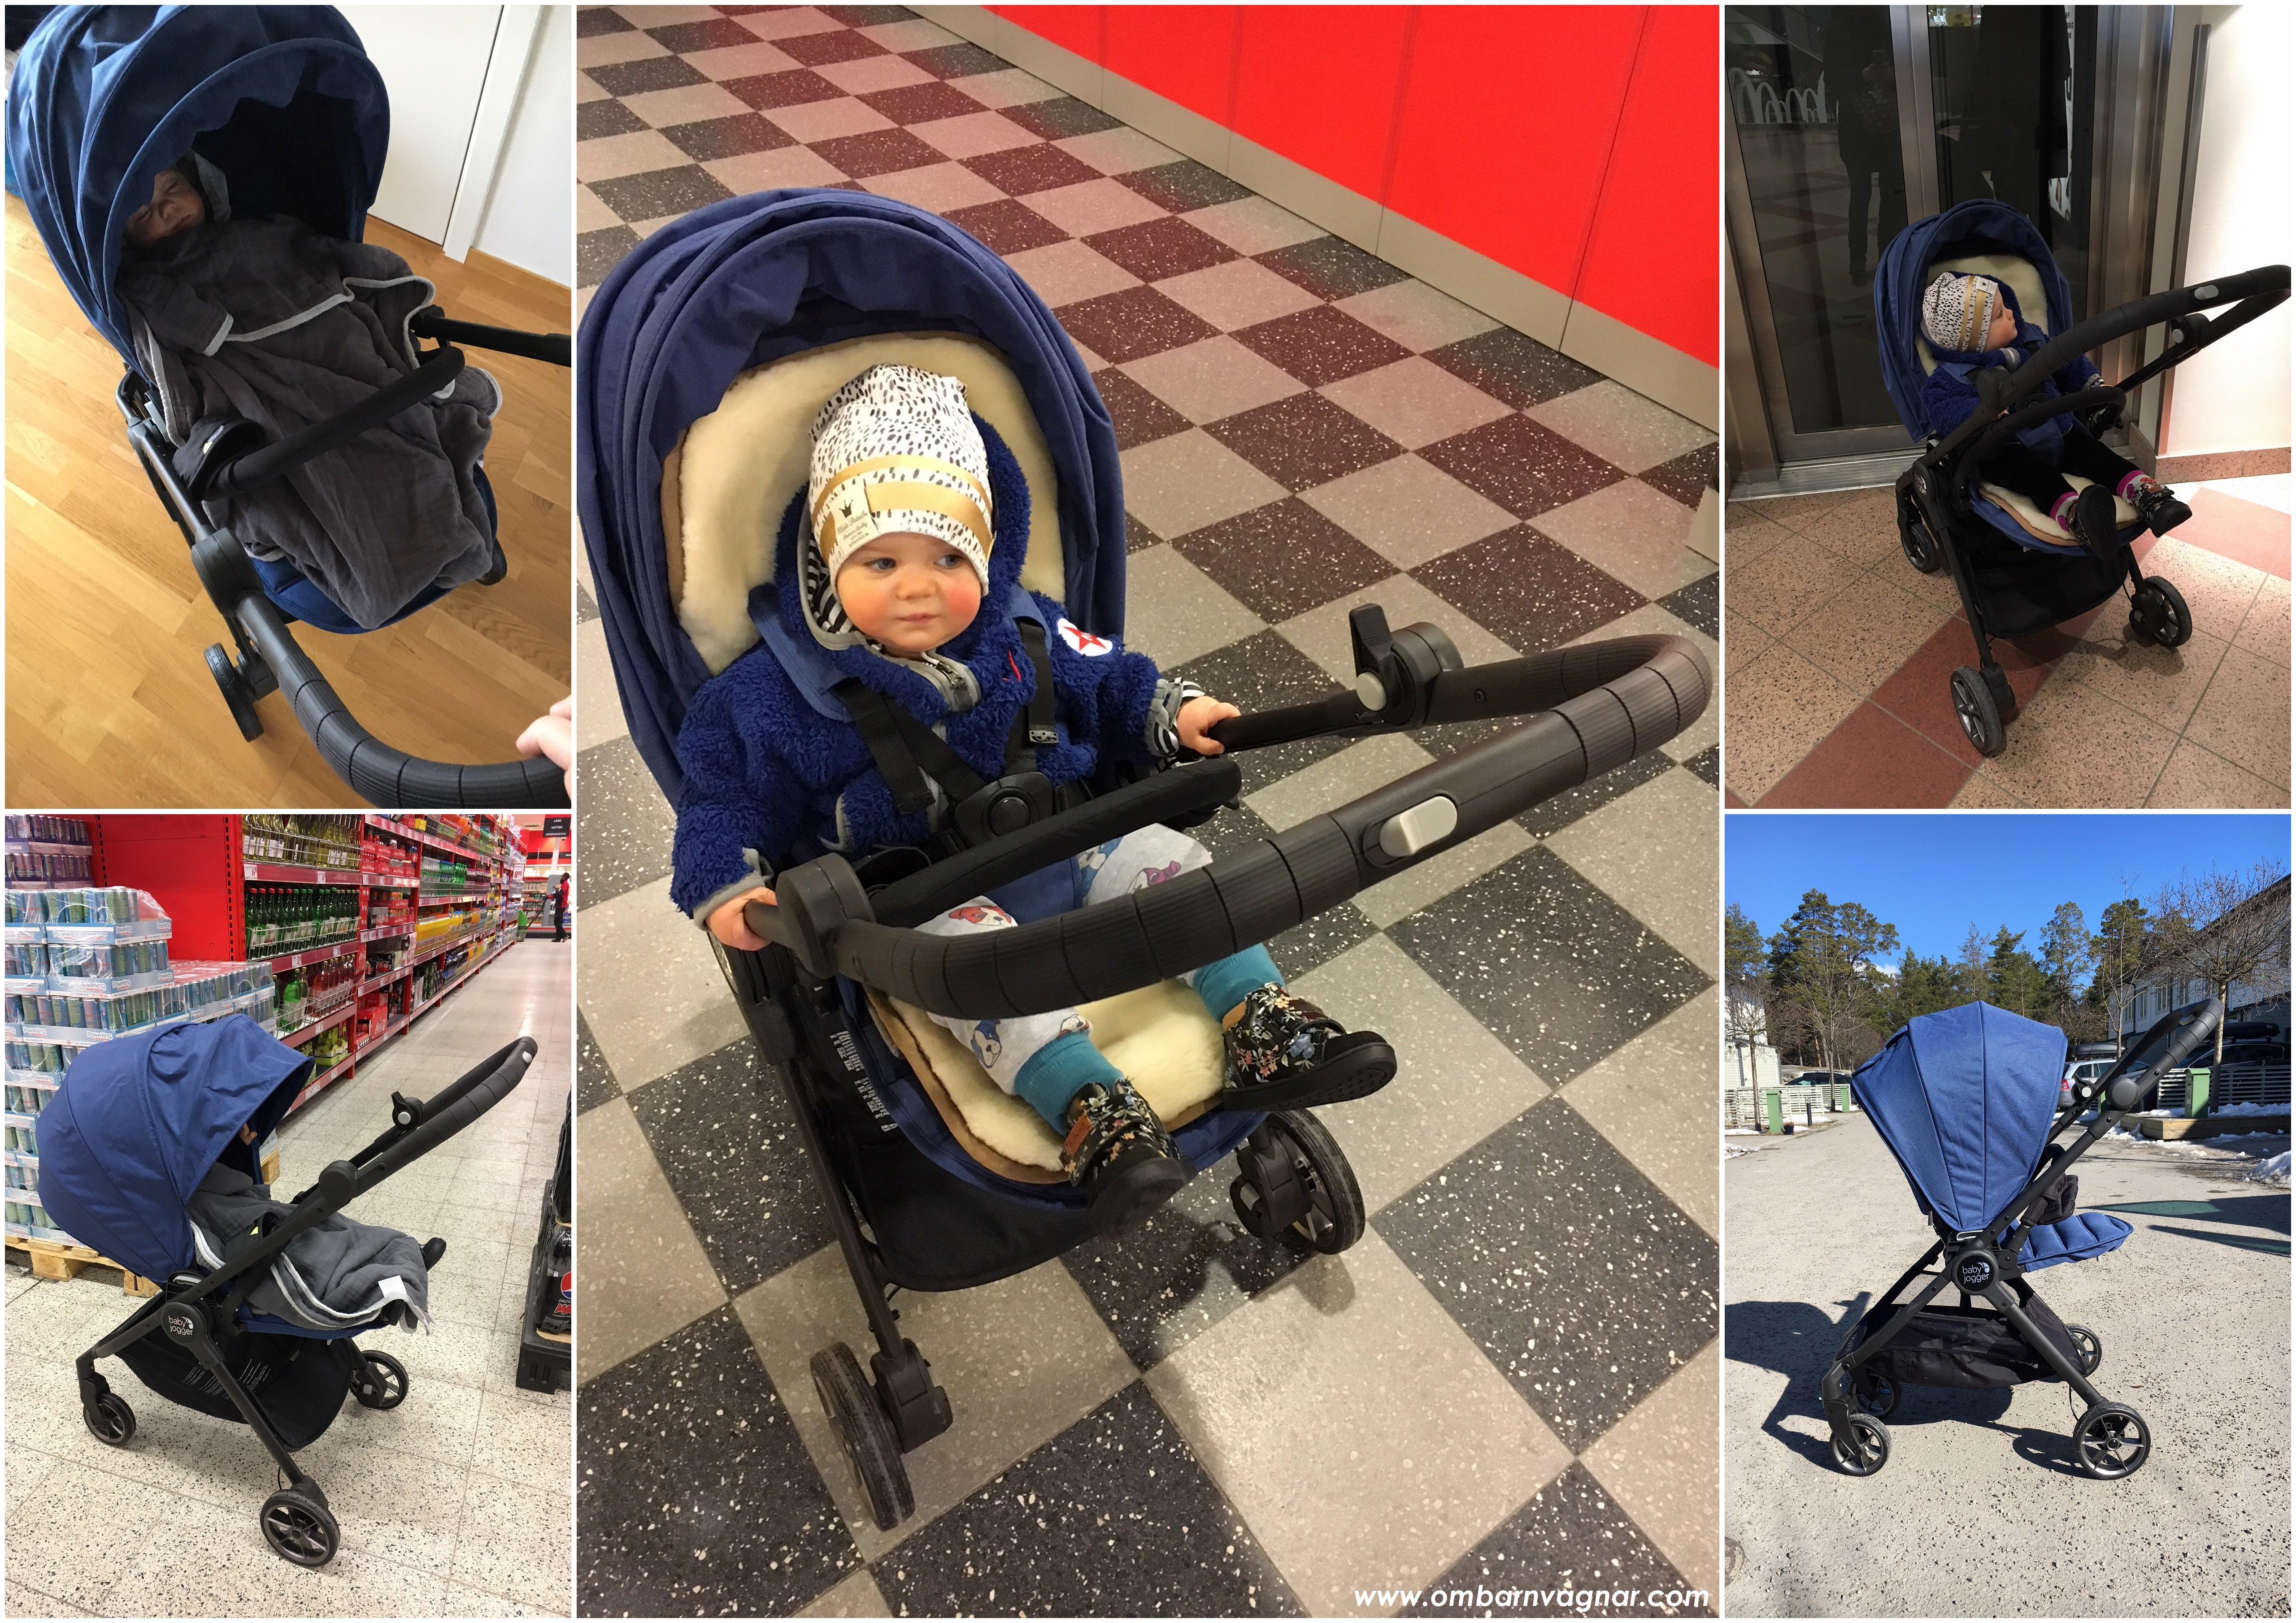 Baby Jogger City Tour Lux körkänsla och användning i vardagen